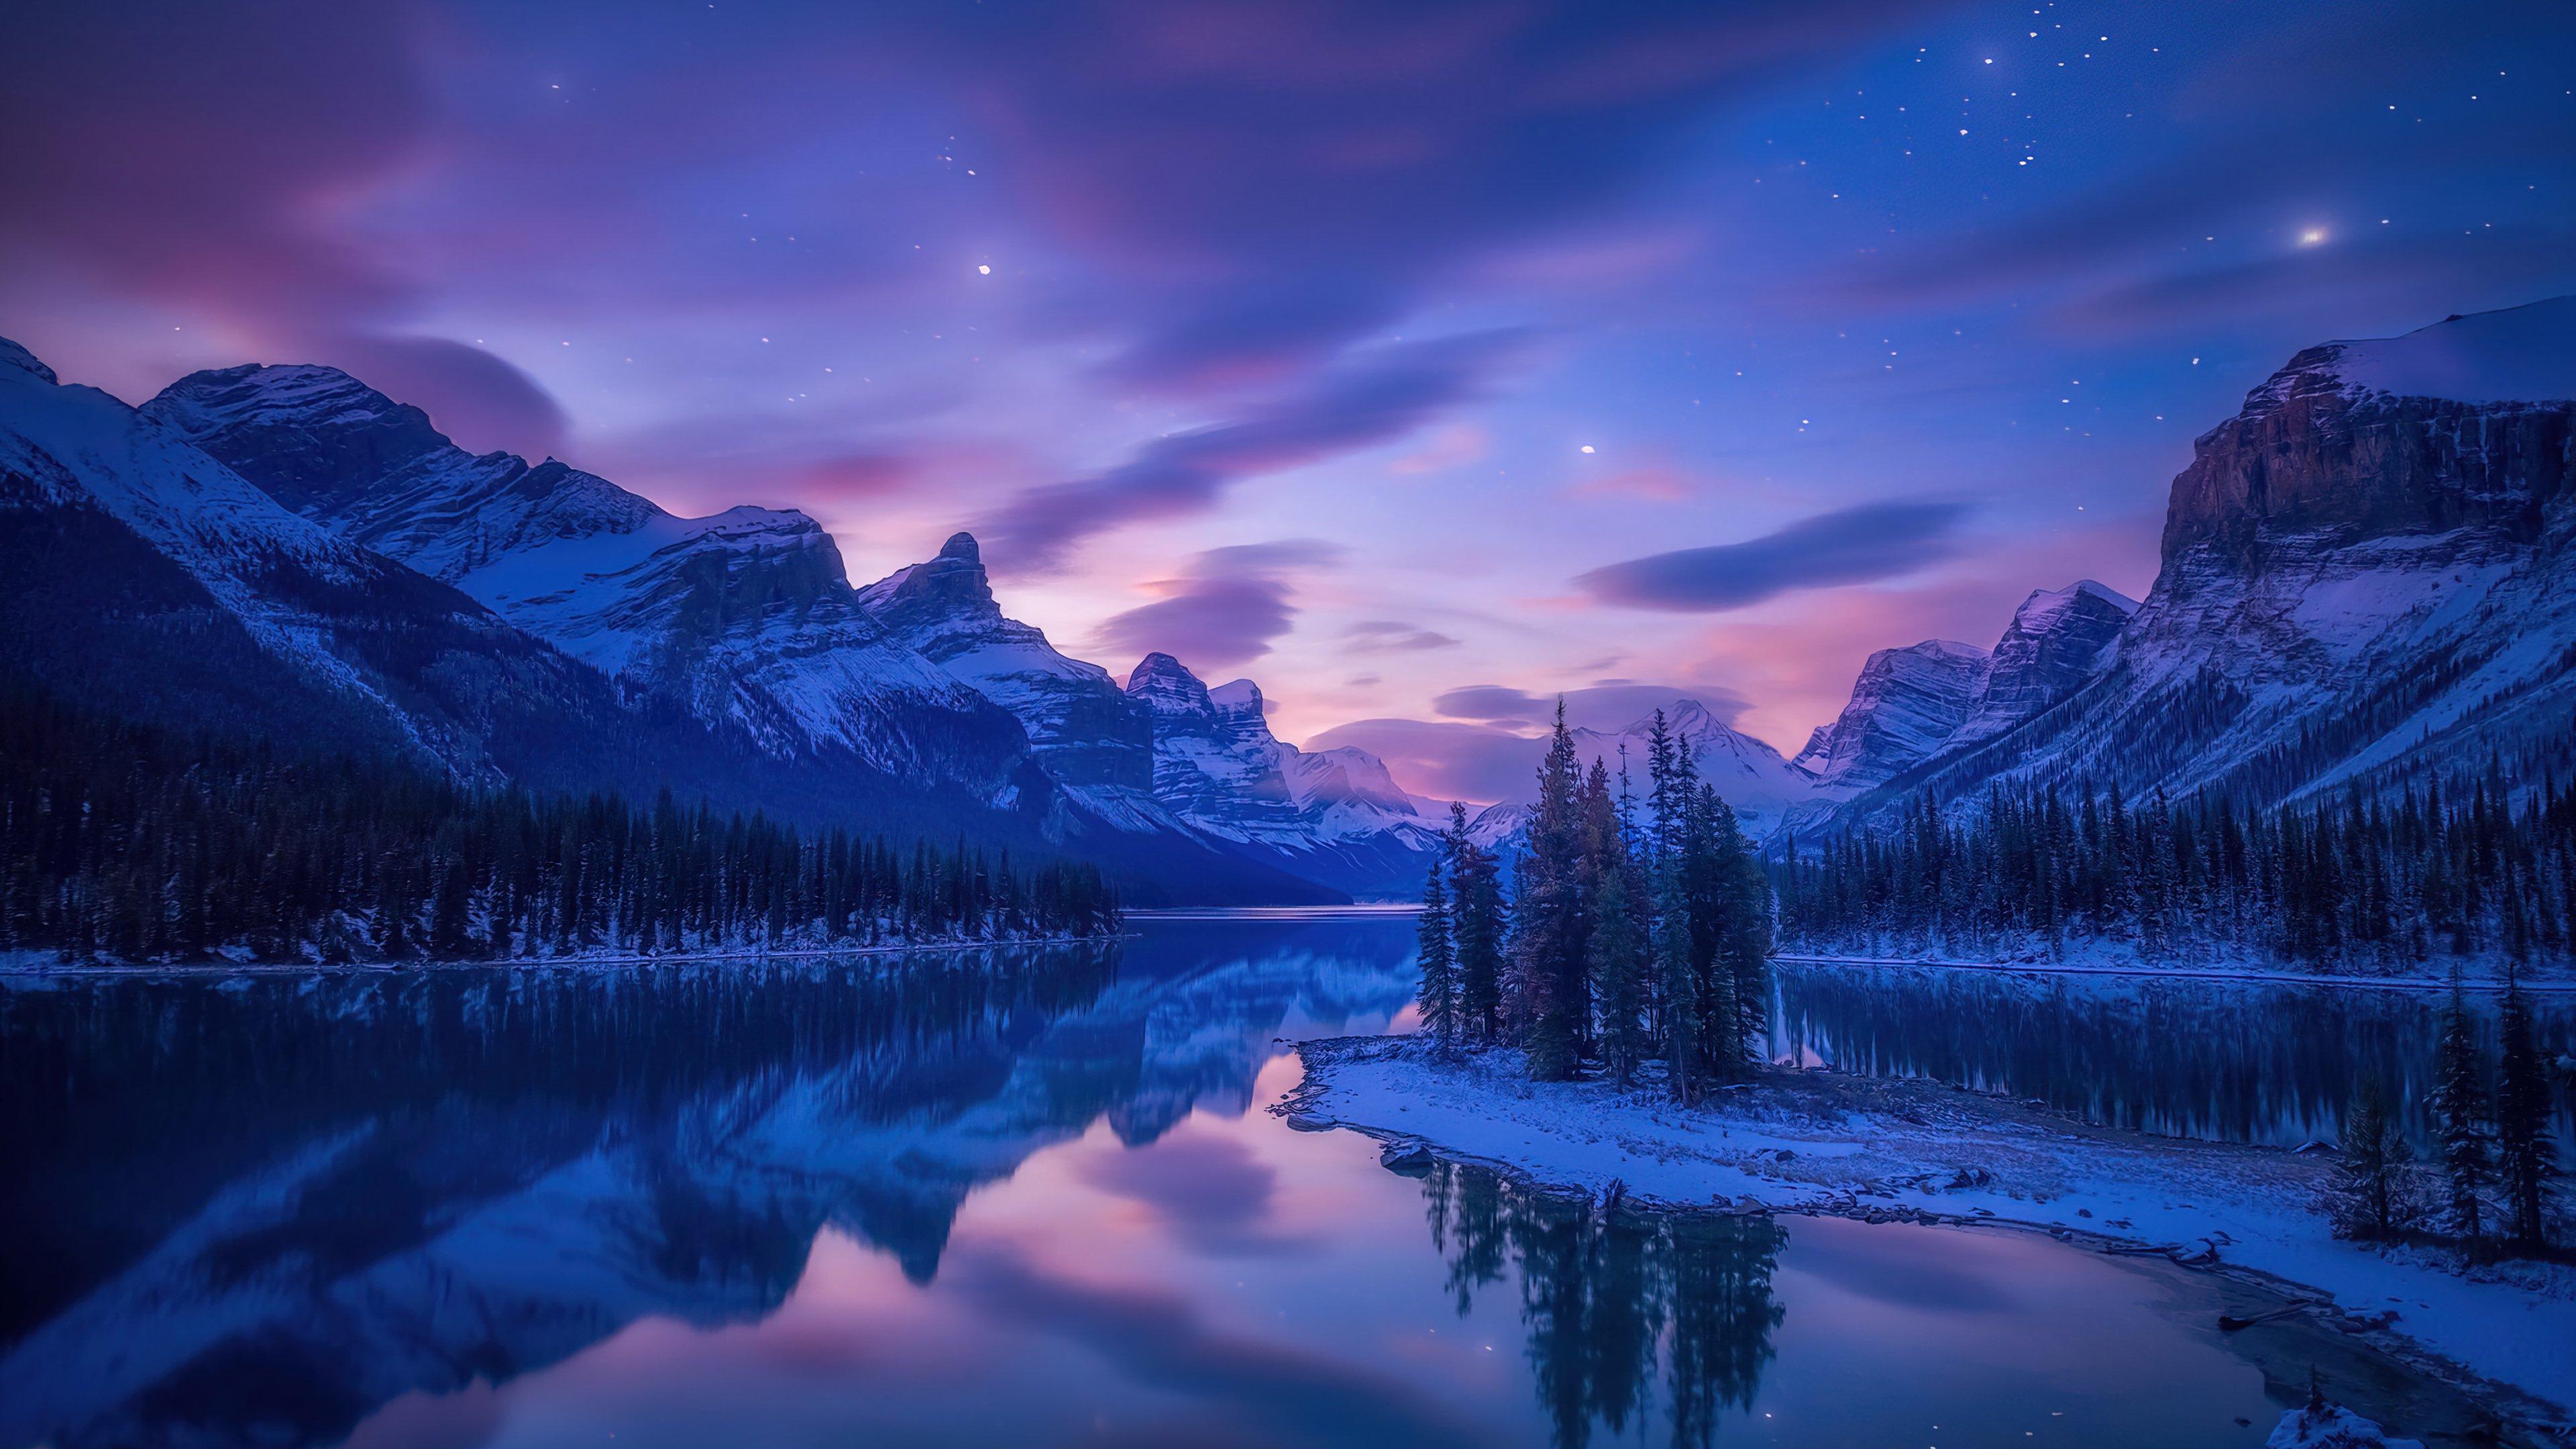 Fondos de pantalla Paisaje de lago en las montañas al amanecer